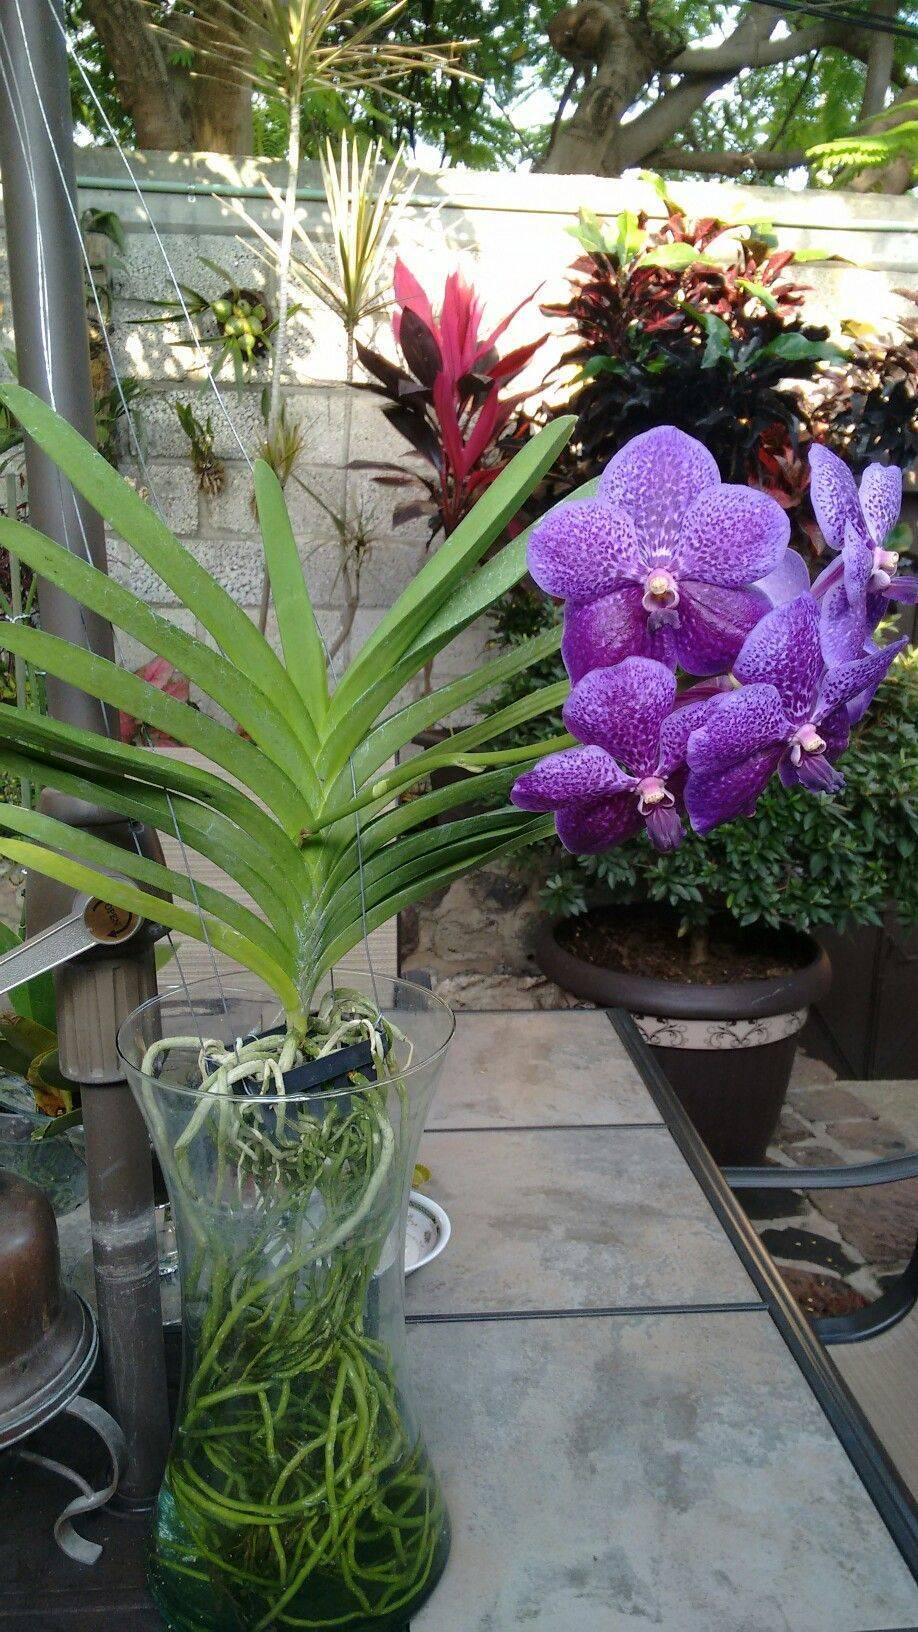 Орхидея ванда – инструкции по уходу в домашних условиях. 90 фото + видео советы по выращиванию